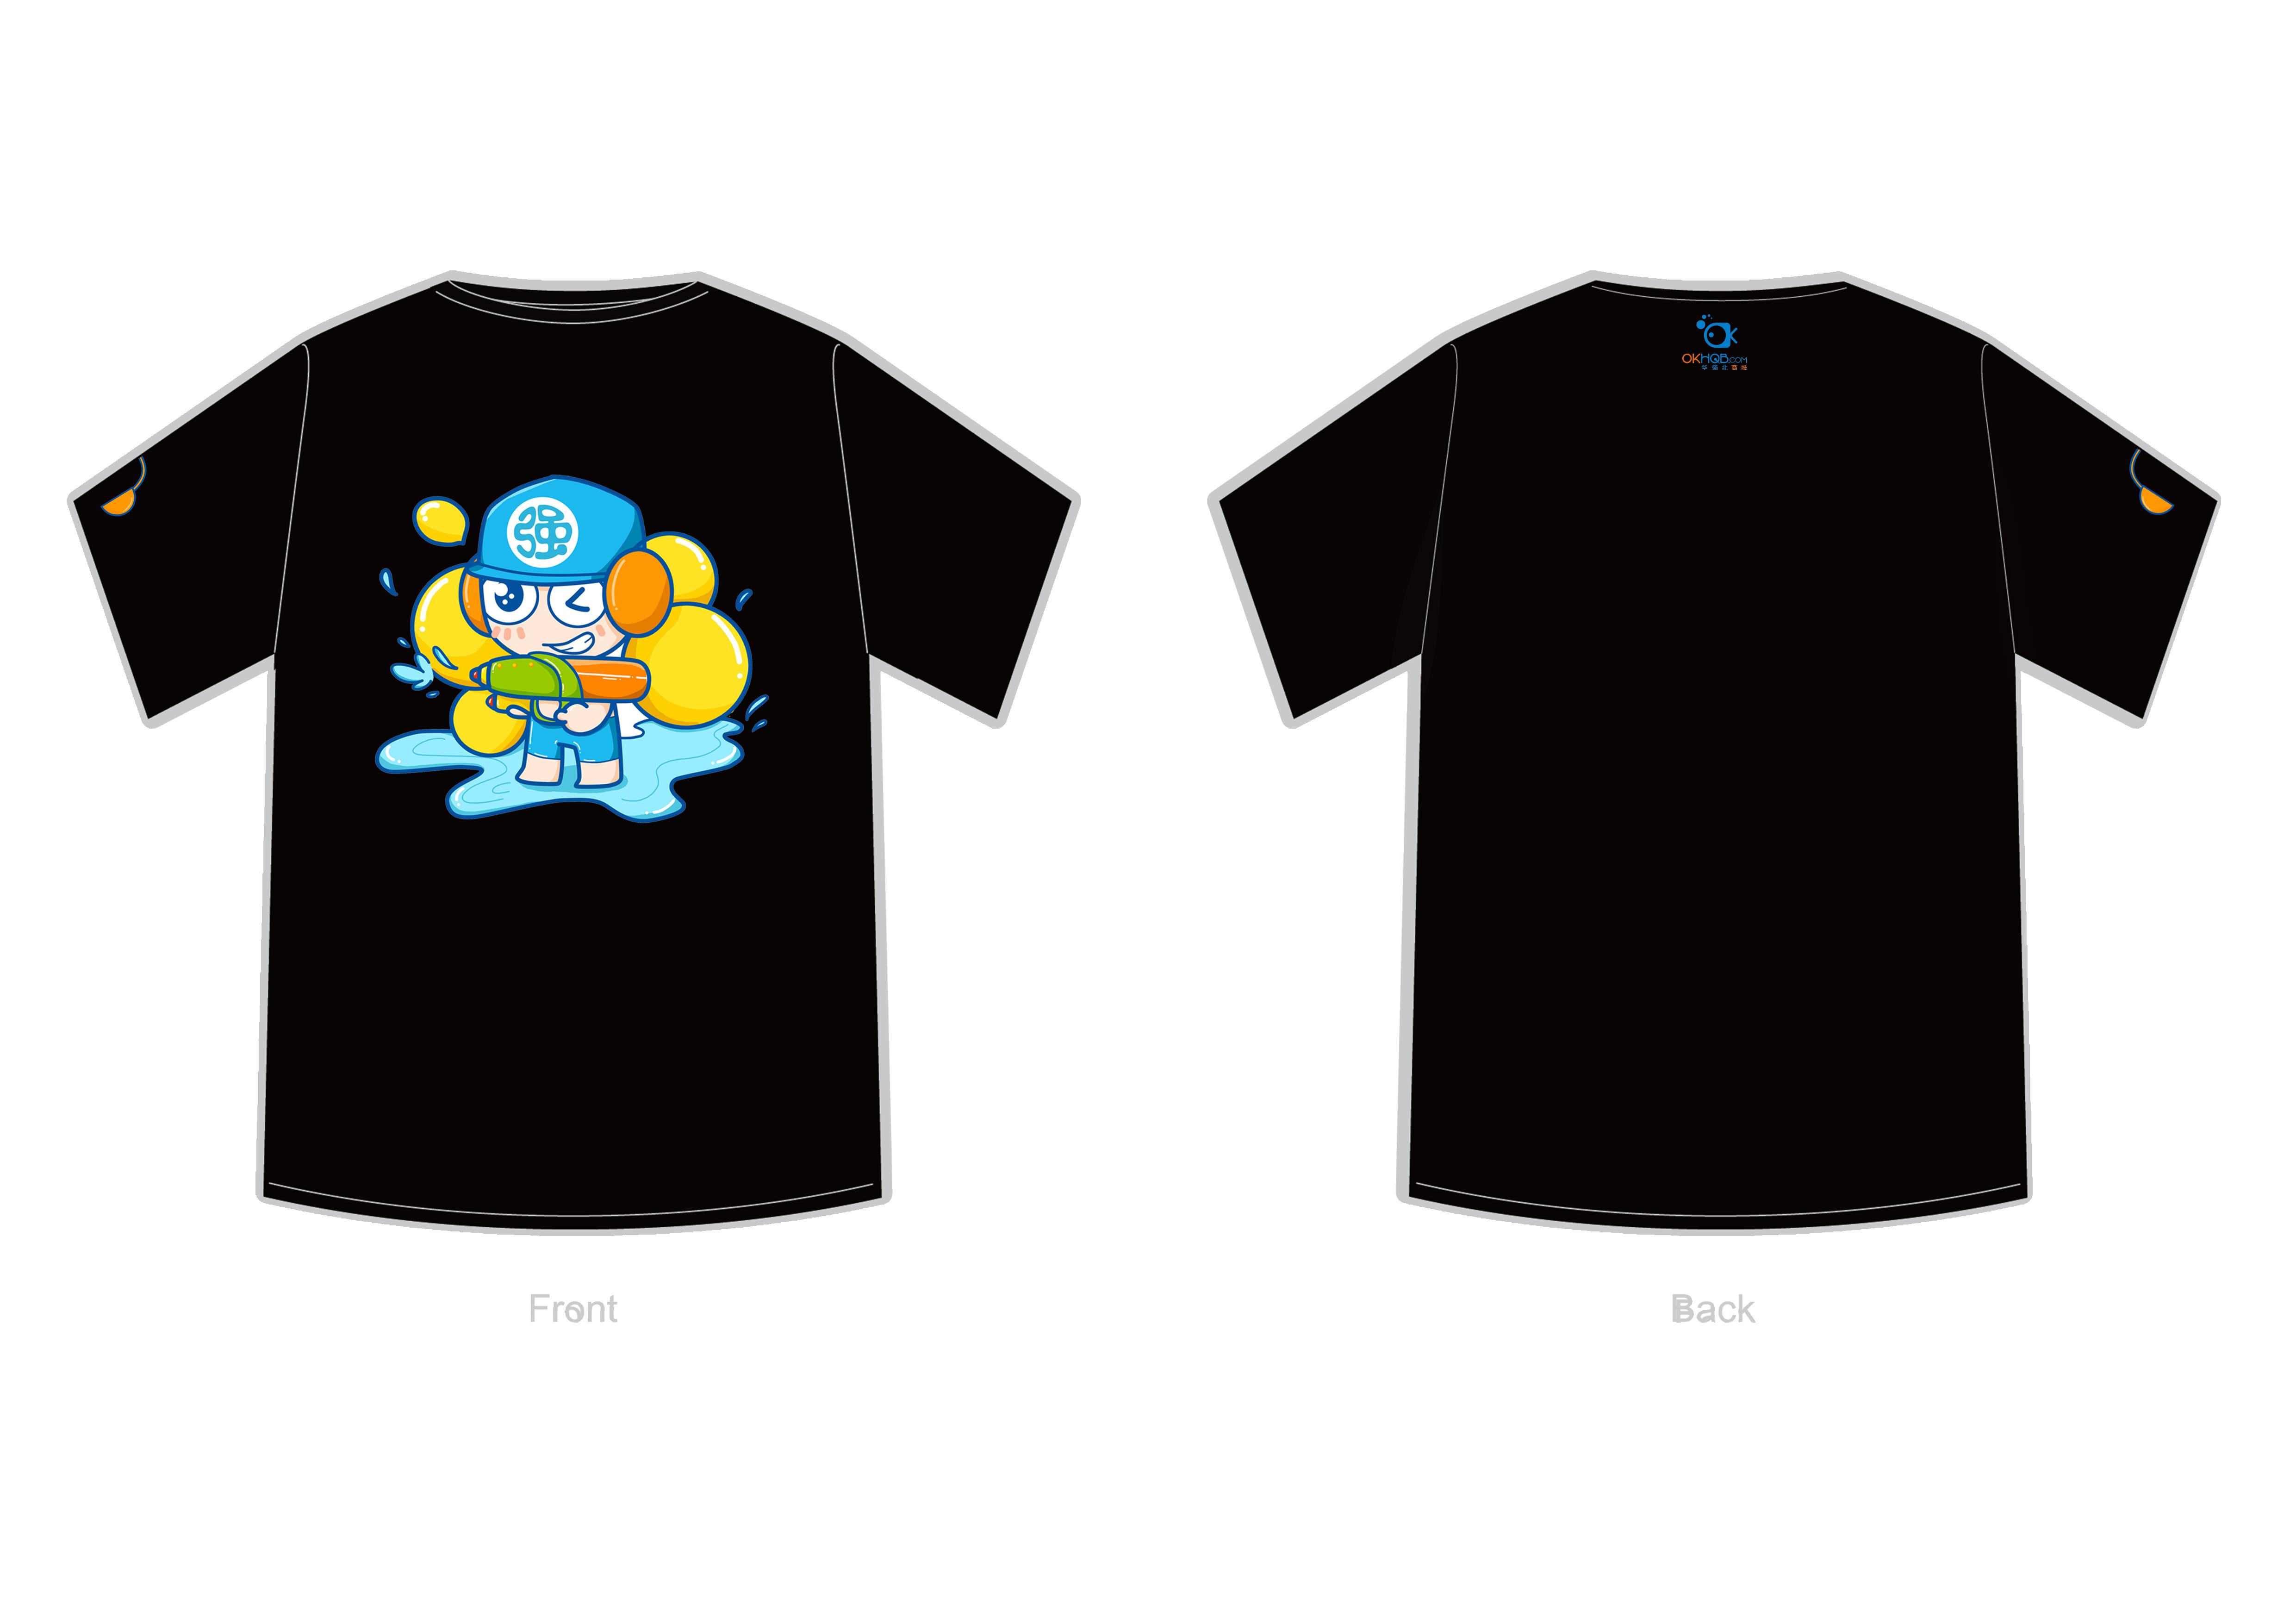 衣_t恤 t恤 服装 衣服 运动衣 4961_3508